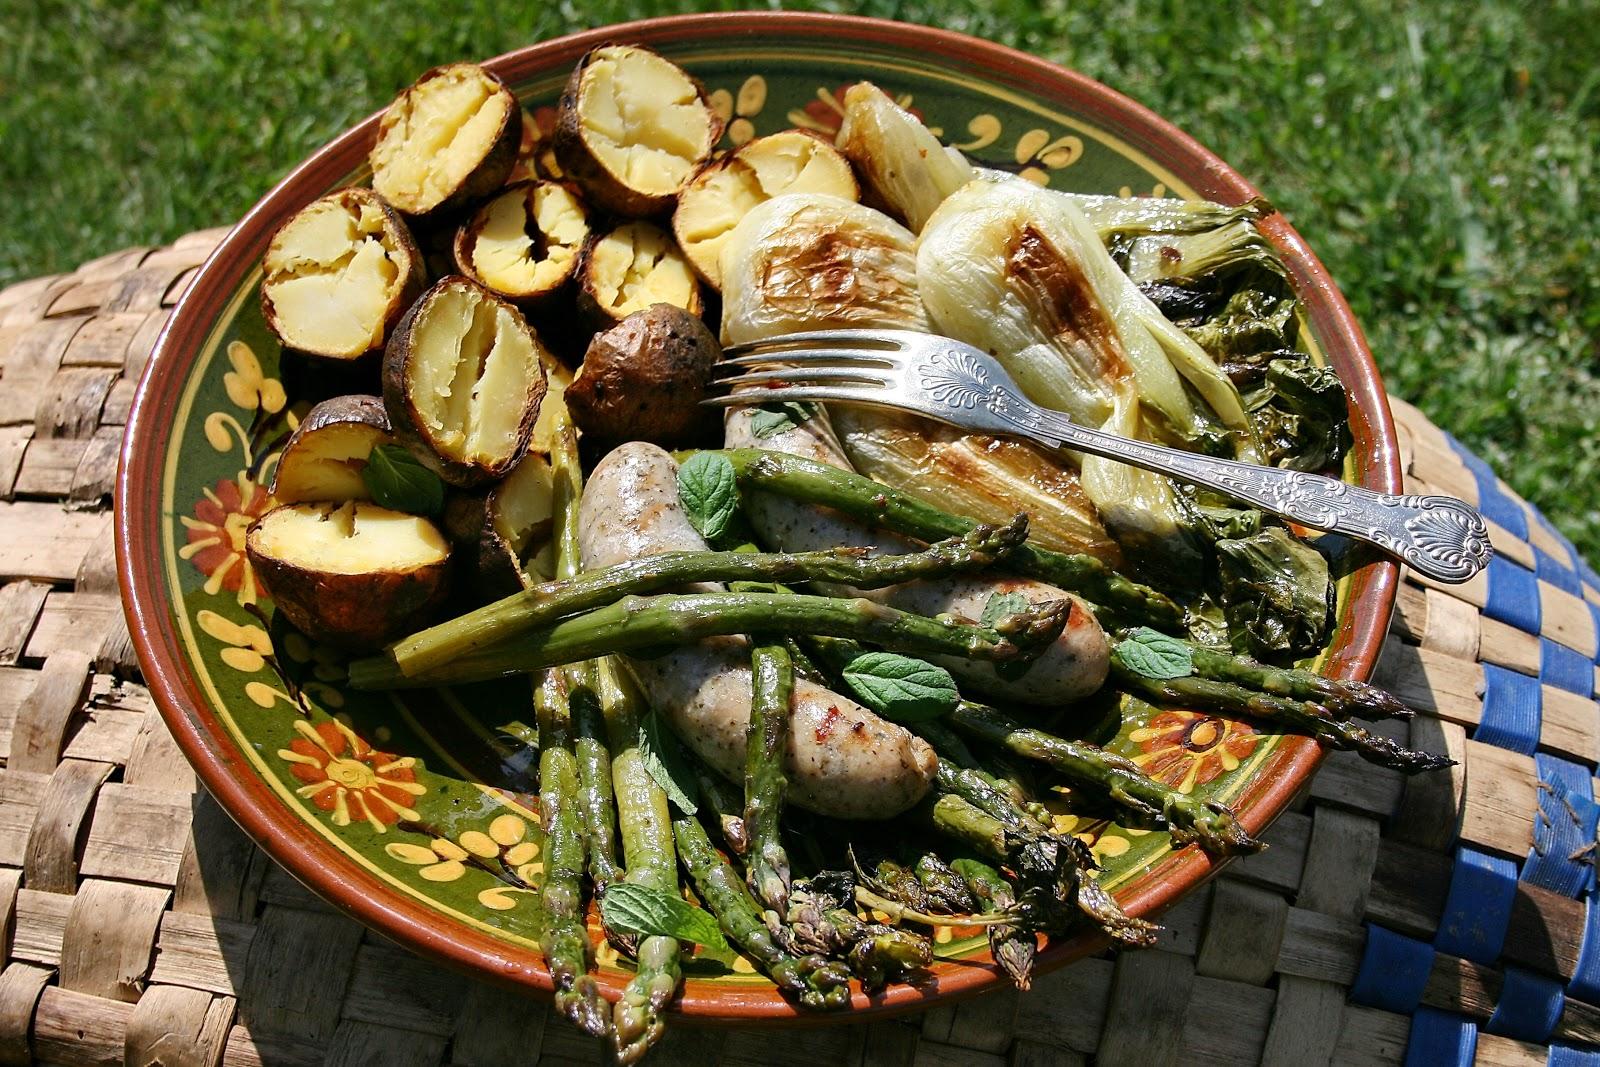 Grillowane szparagi z białą kiełbasą, pak choy i ziemniakami